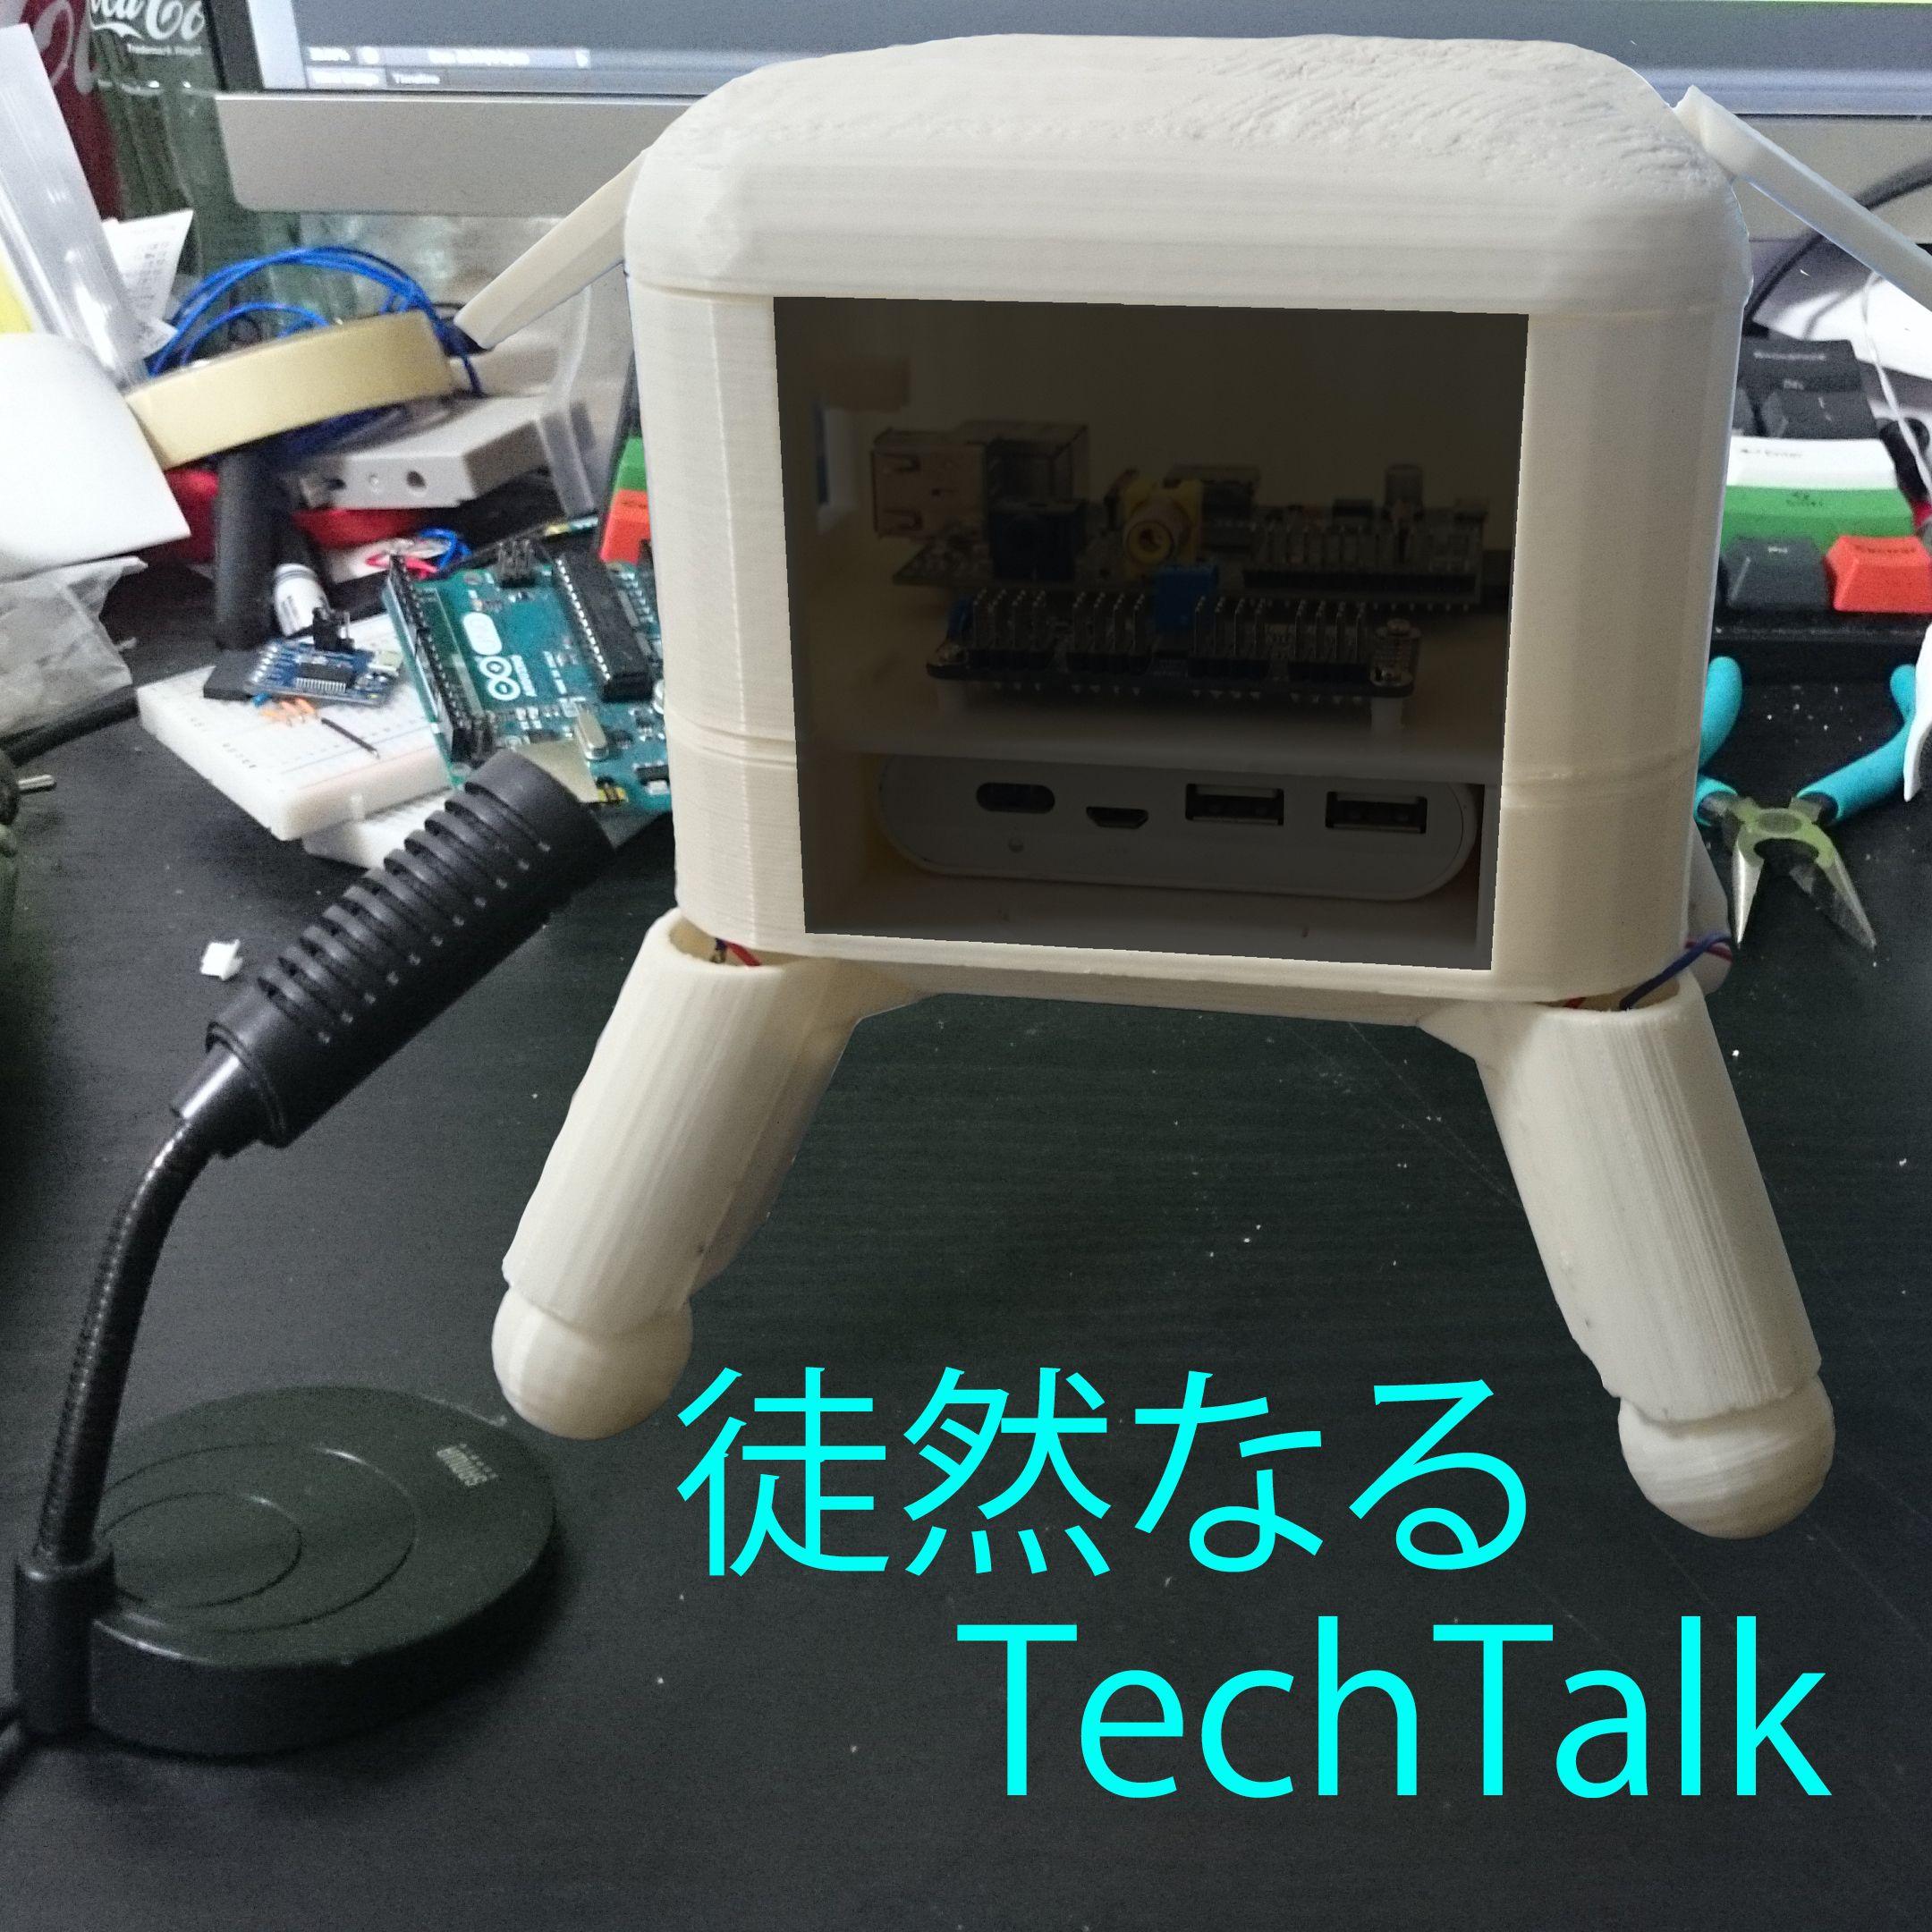 徒然なるTech Talk